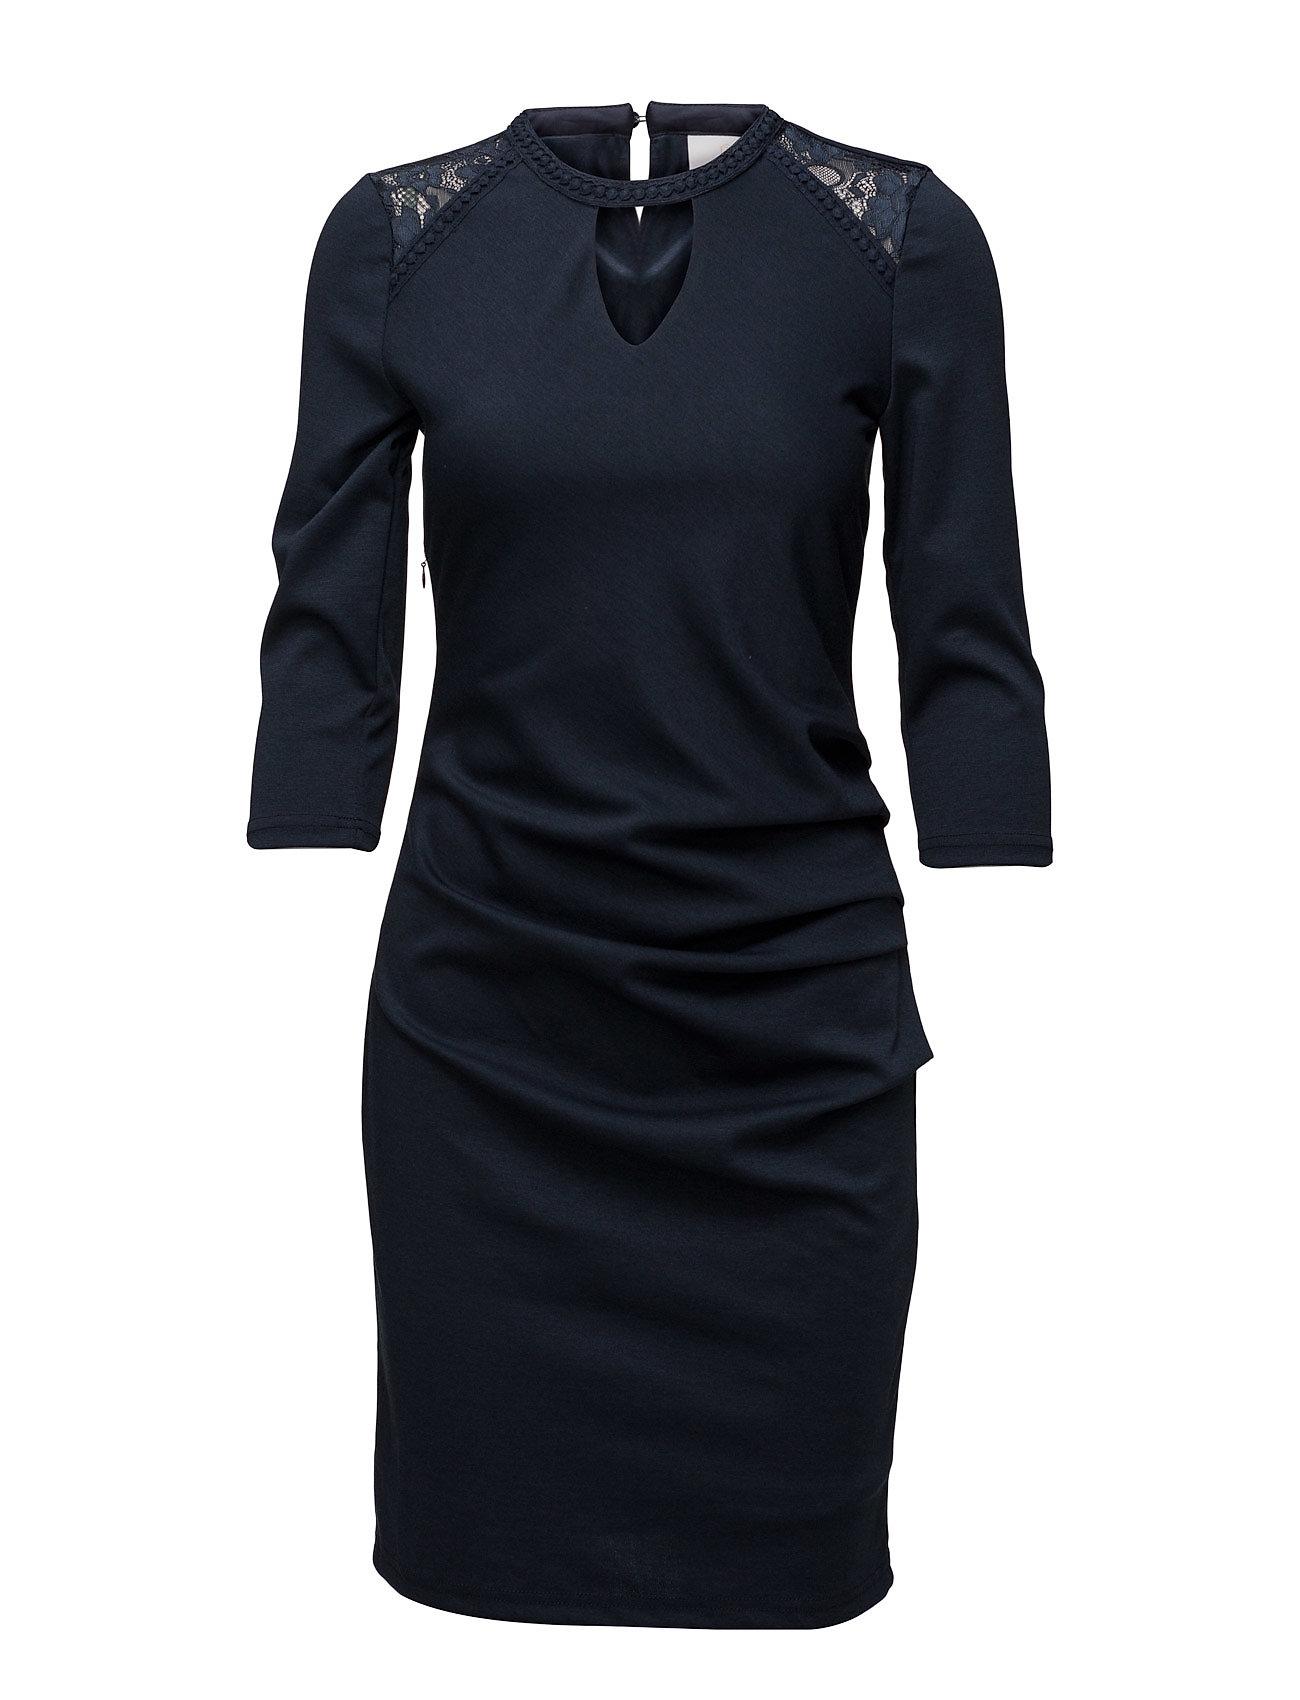 Milly India Dress Kaffe Korte kjoler til Damer i Midnight Marine